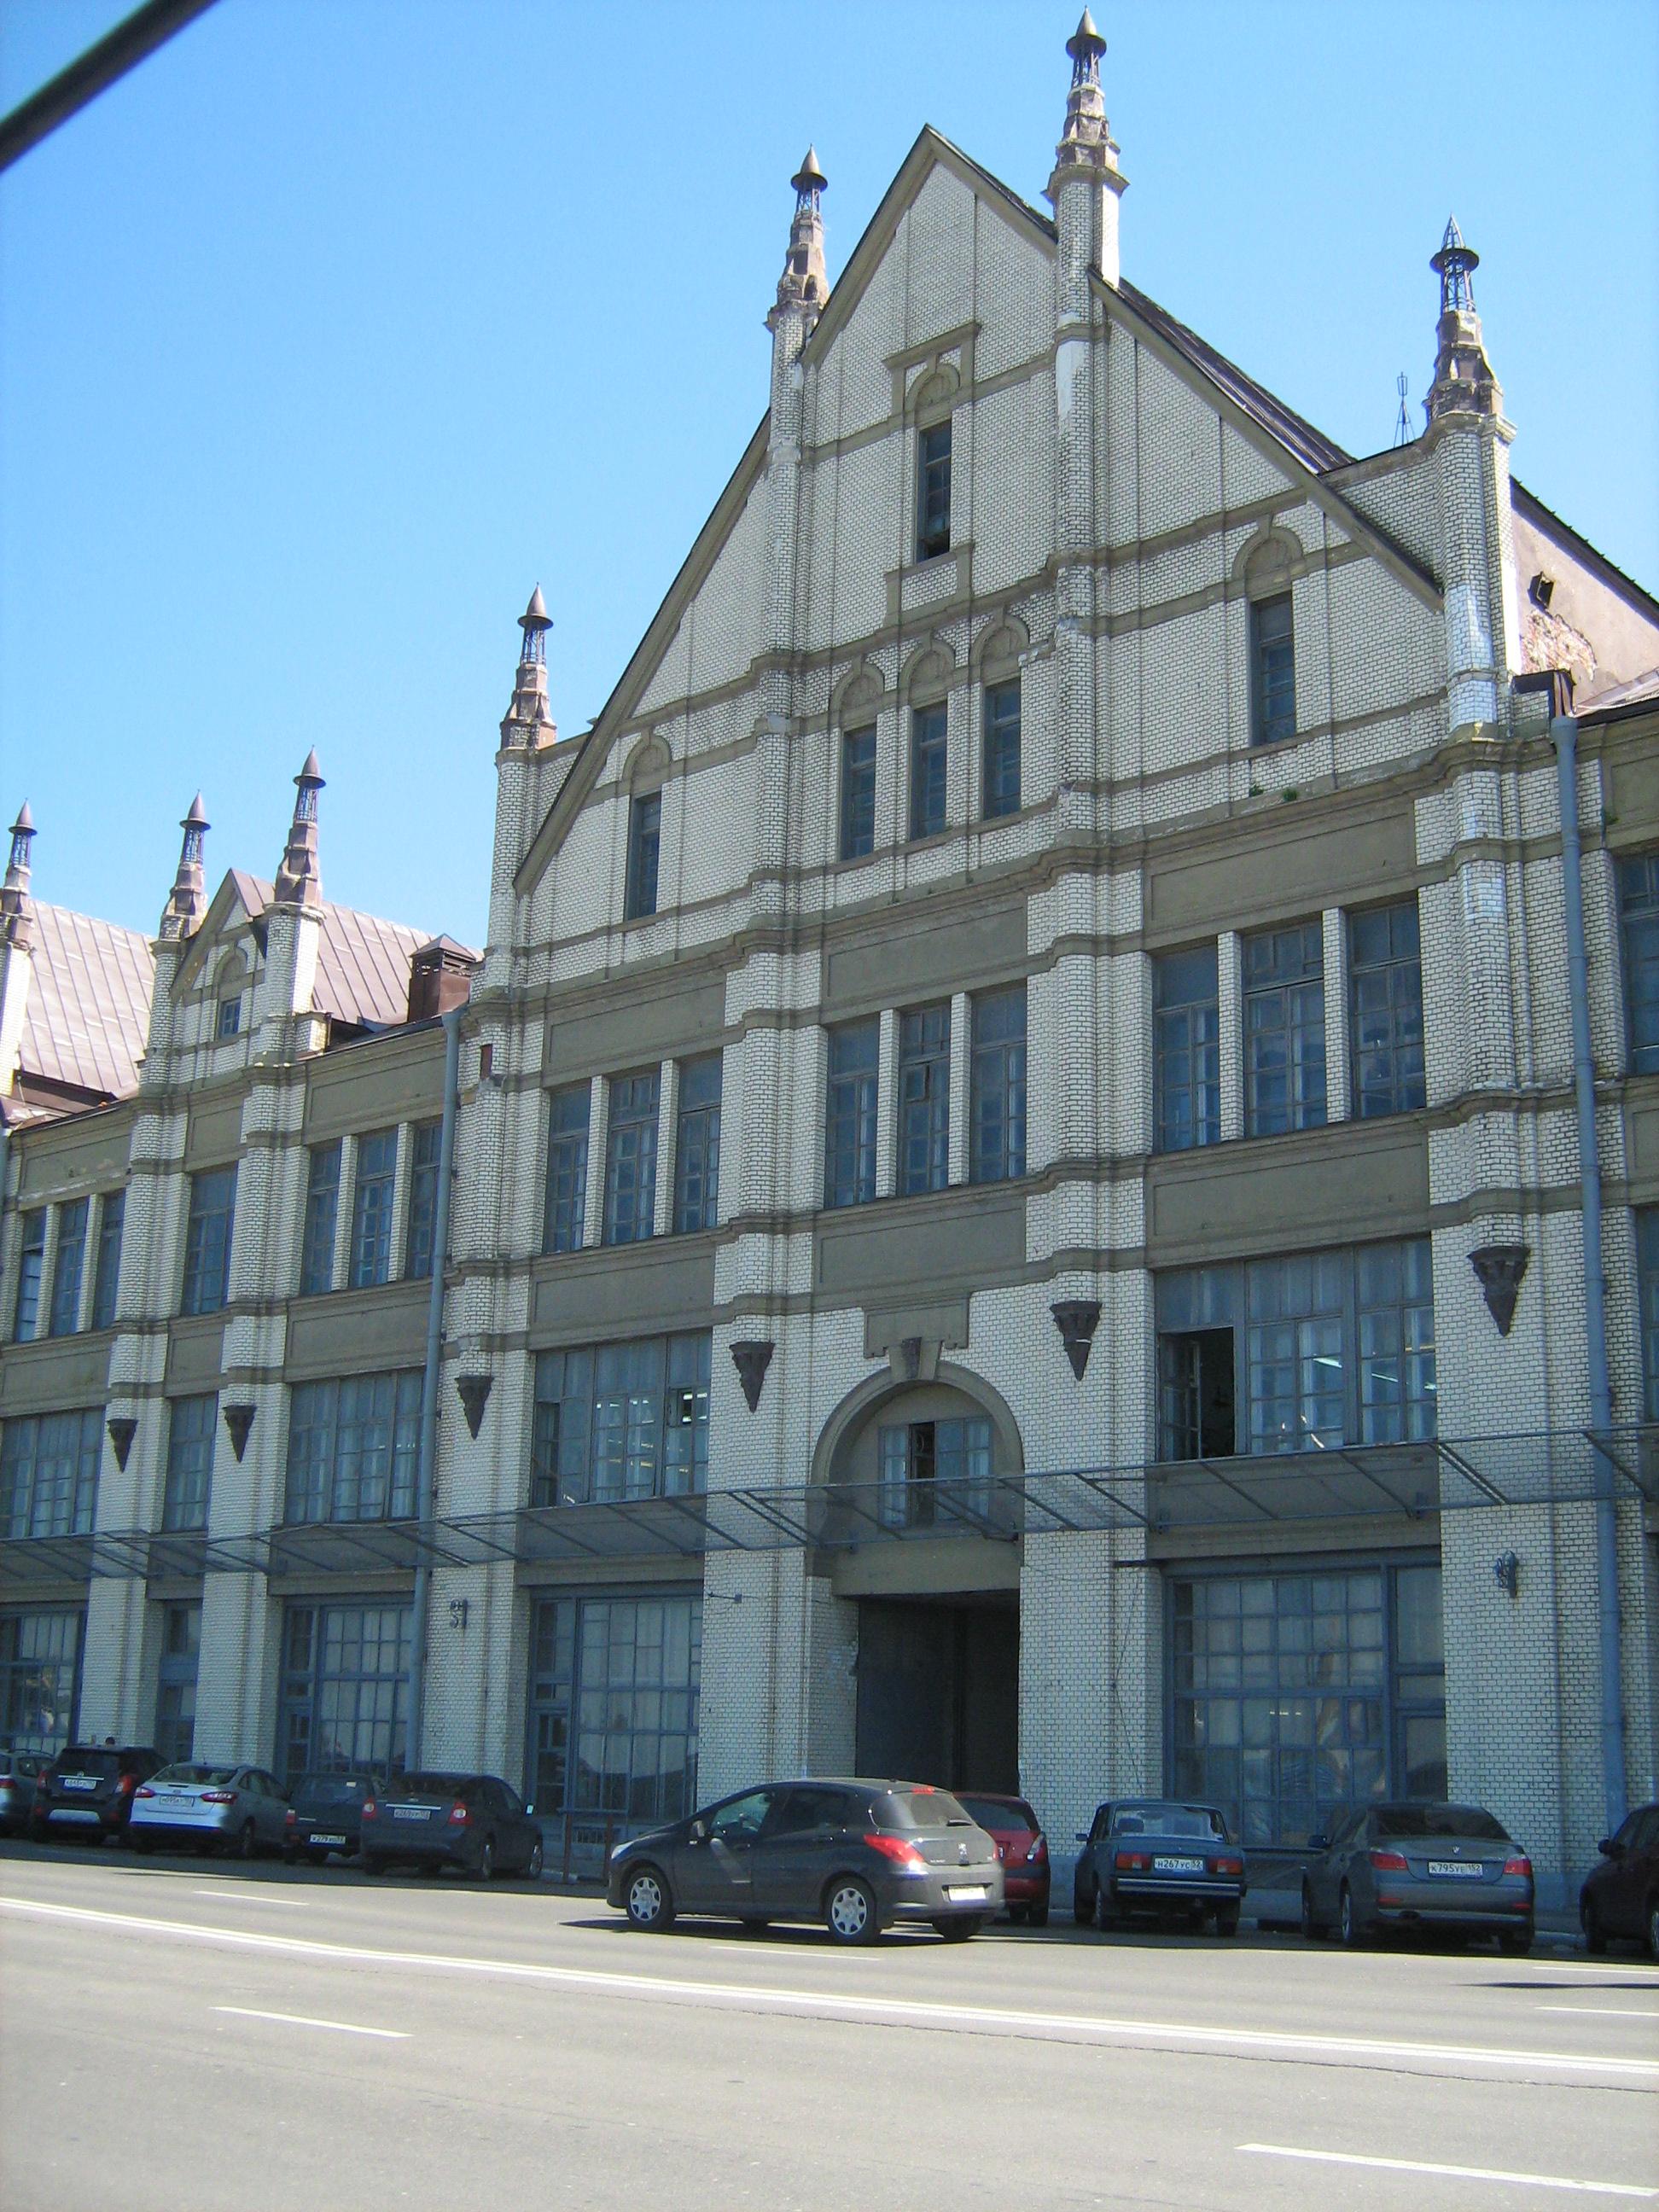 Торговый дом Рукавишниковых (архитектор Шехтель)